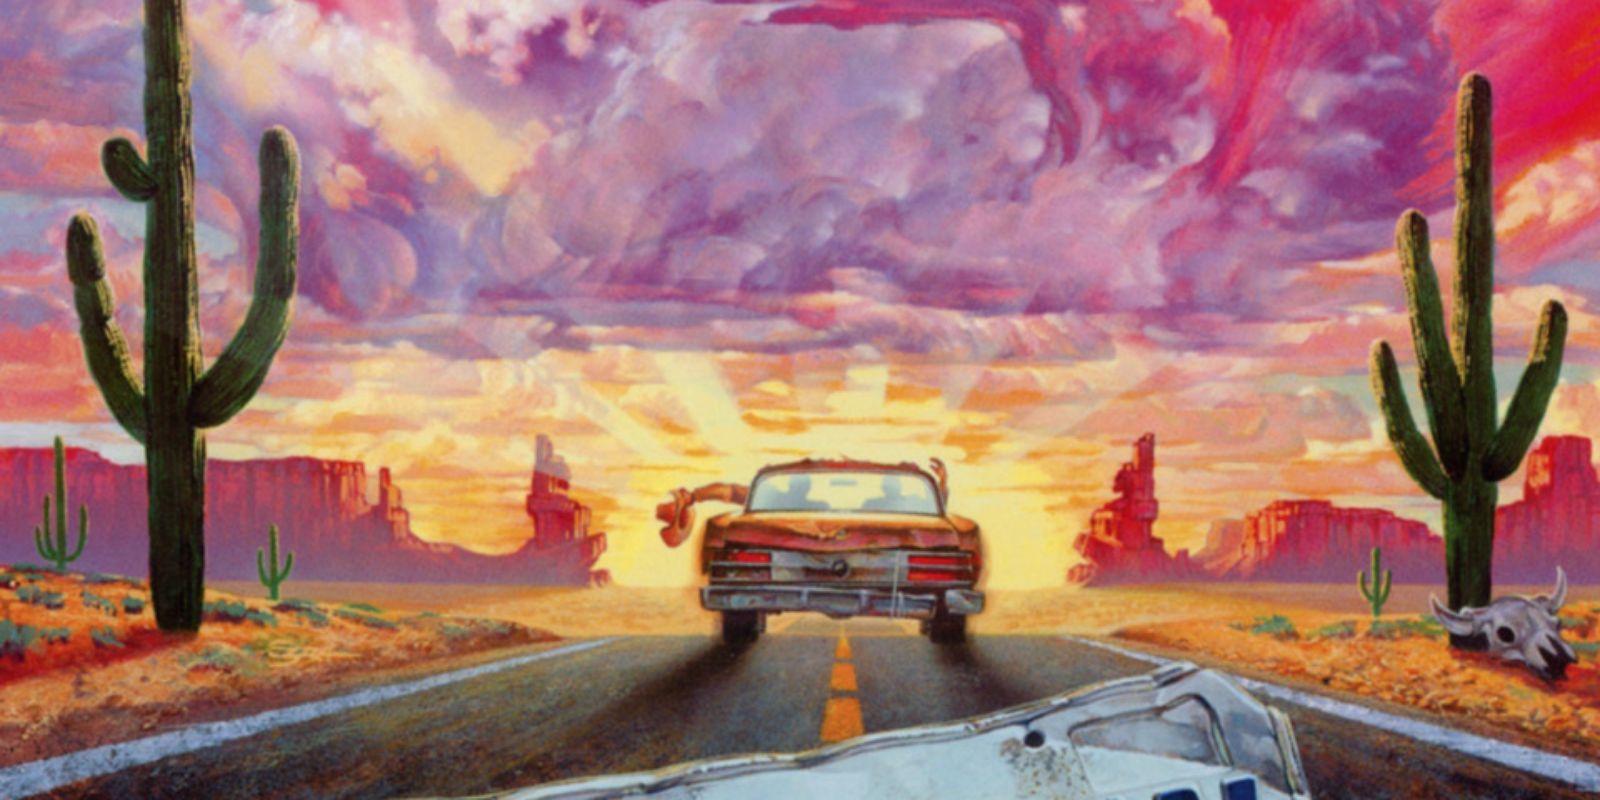 Powwow Highway Movie Poster.jpg